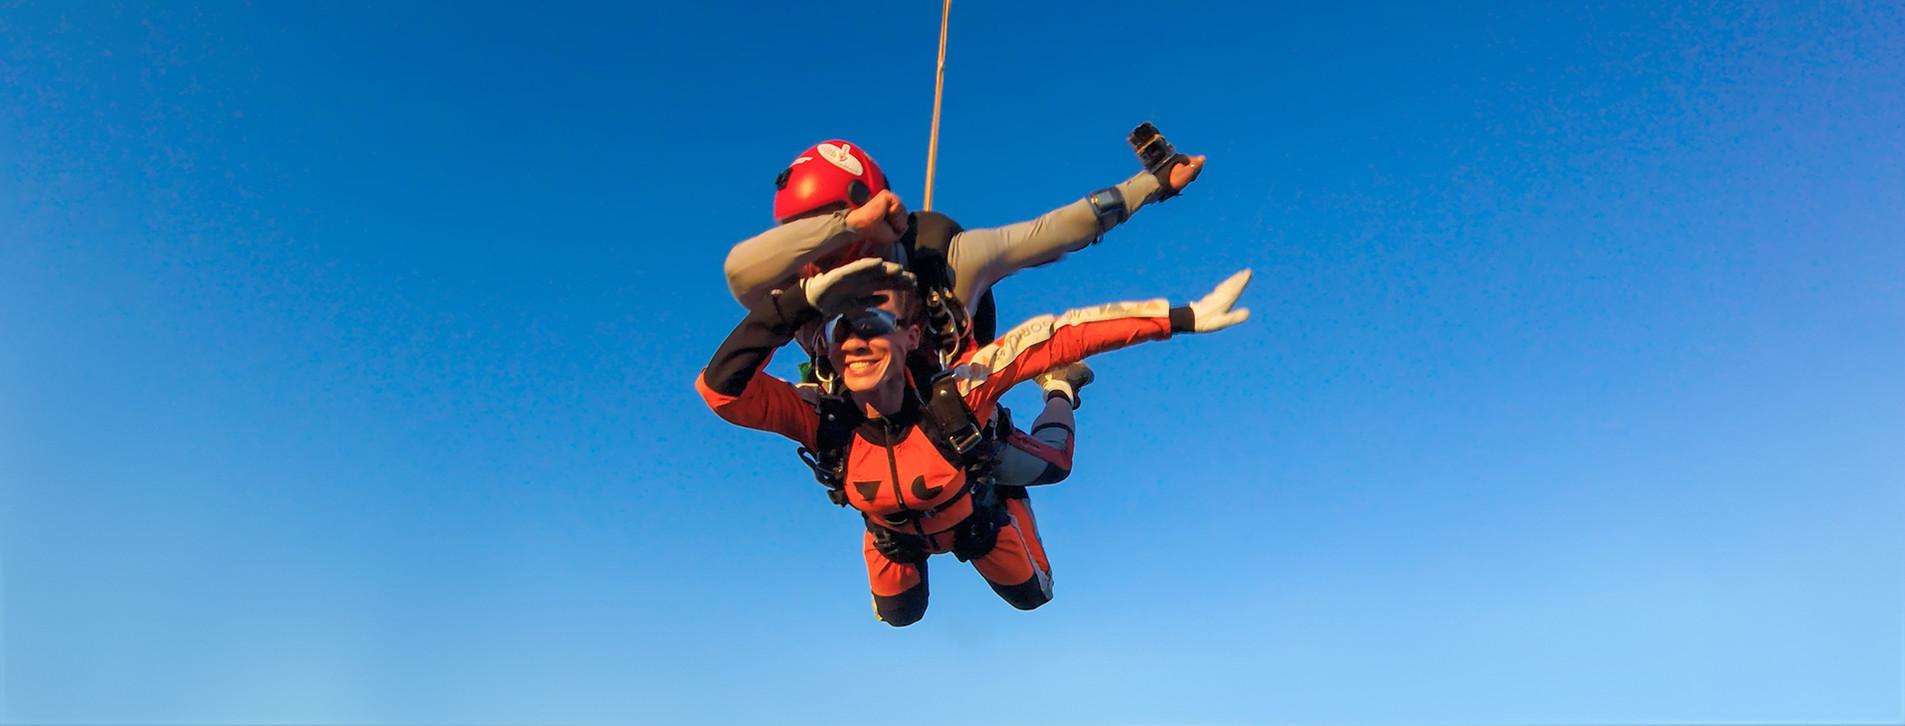 Фото - Прыжок с парашютом в тандеме с видео